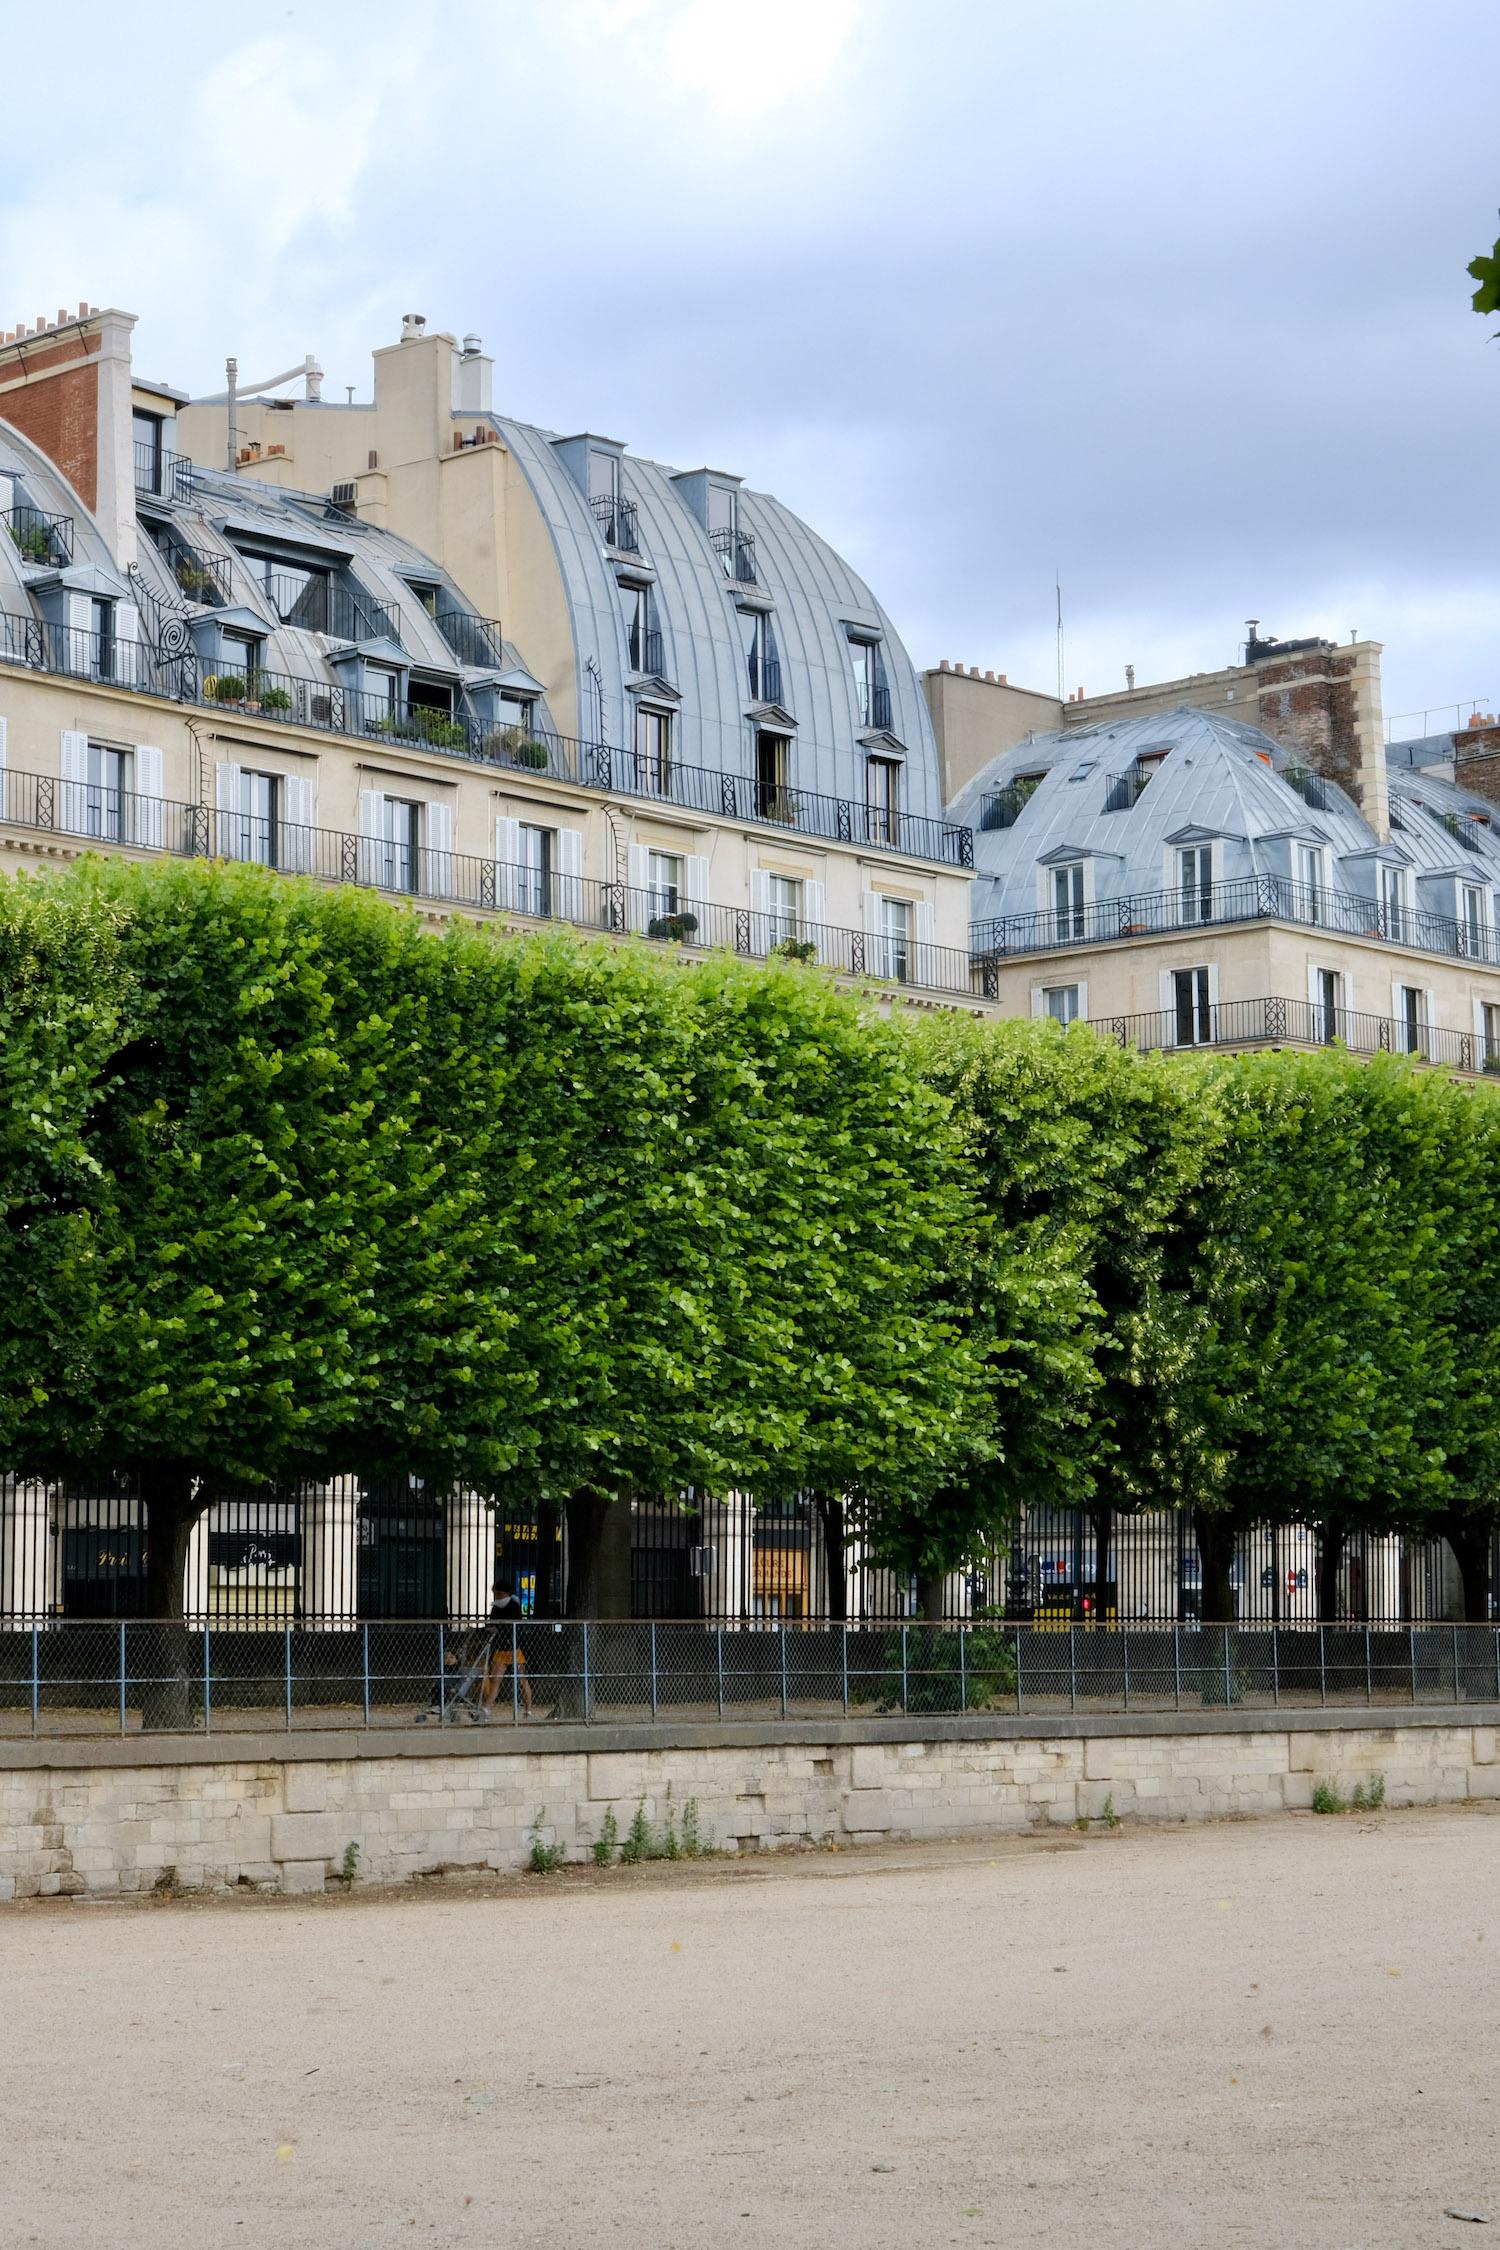 Tuileries Garden versus Luxembourg Garden in Paris